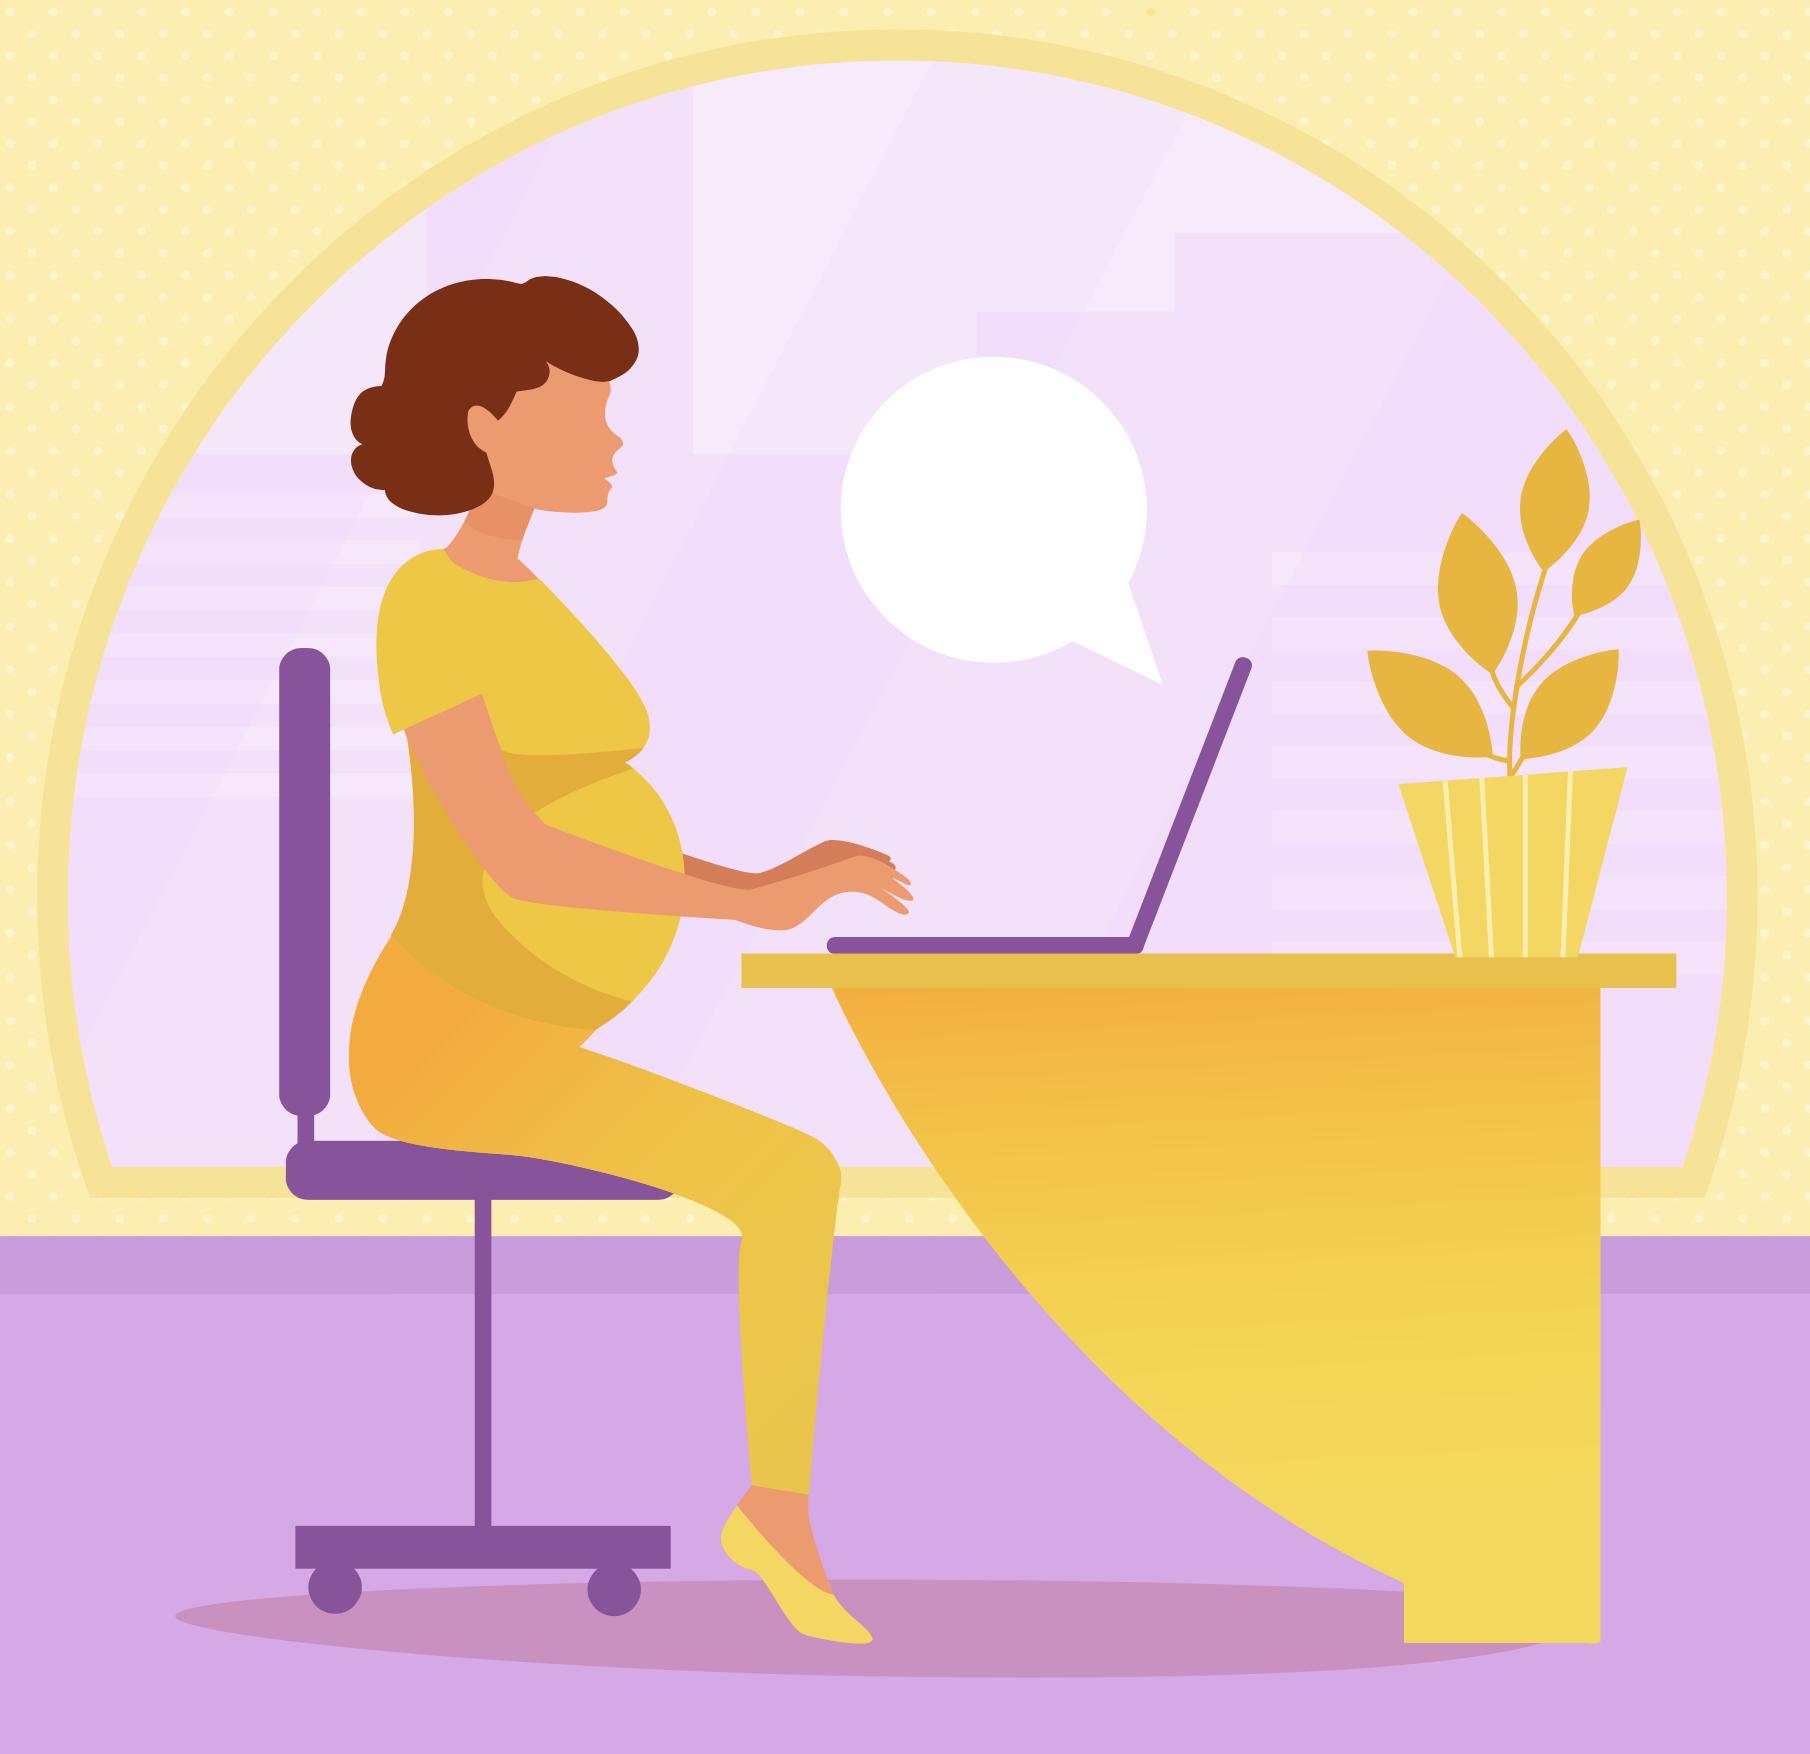 妊娠中 妊婦 オススメ おすすめ 在宅ワーク 副業